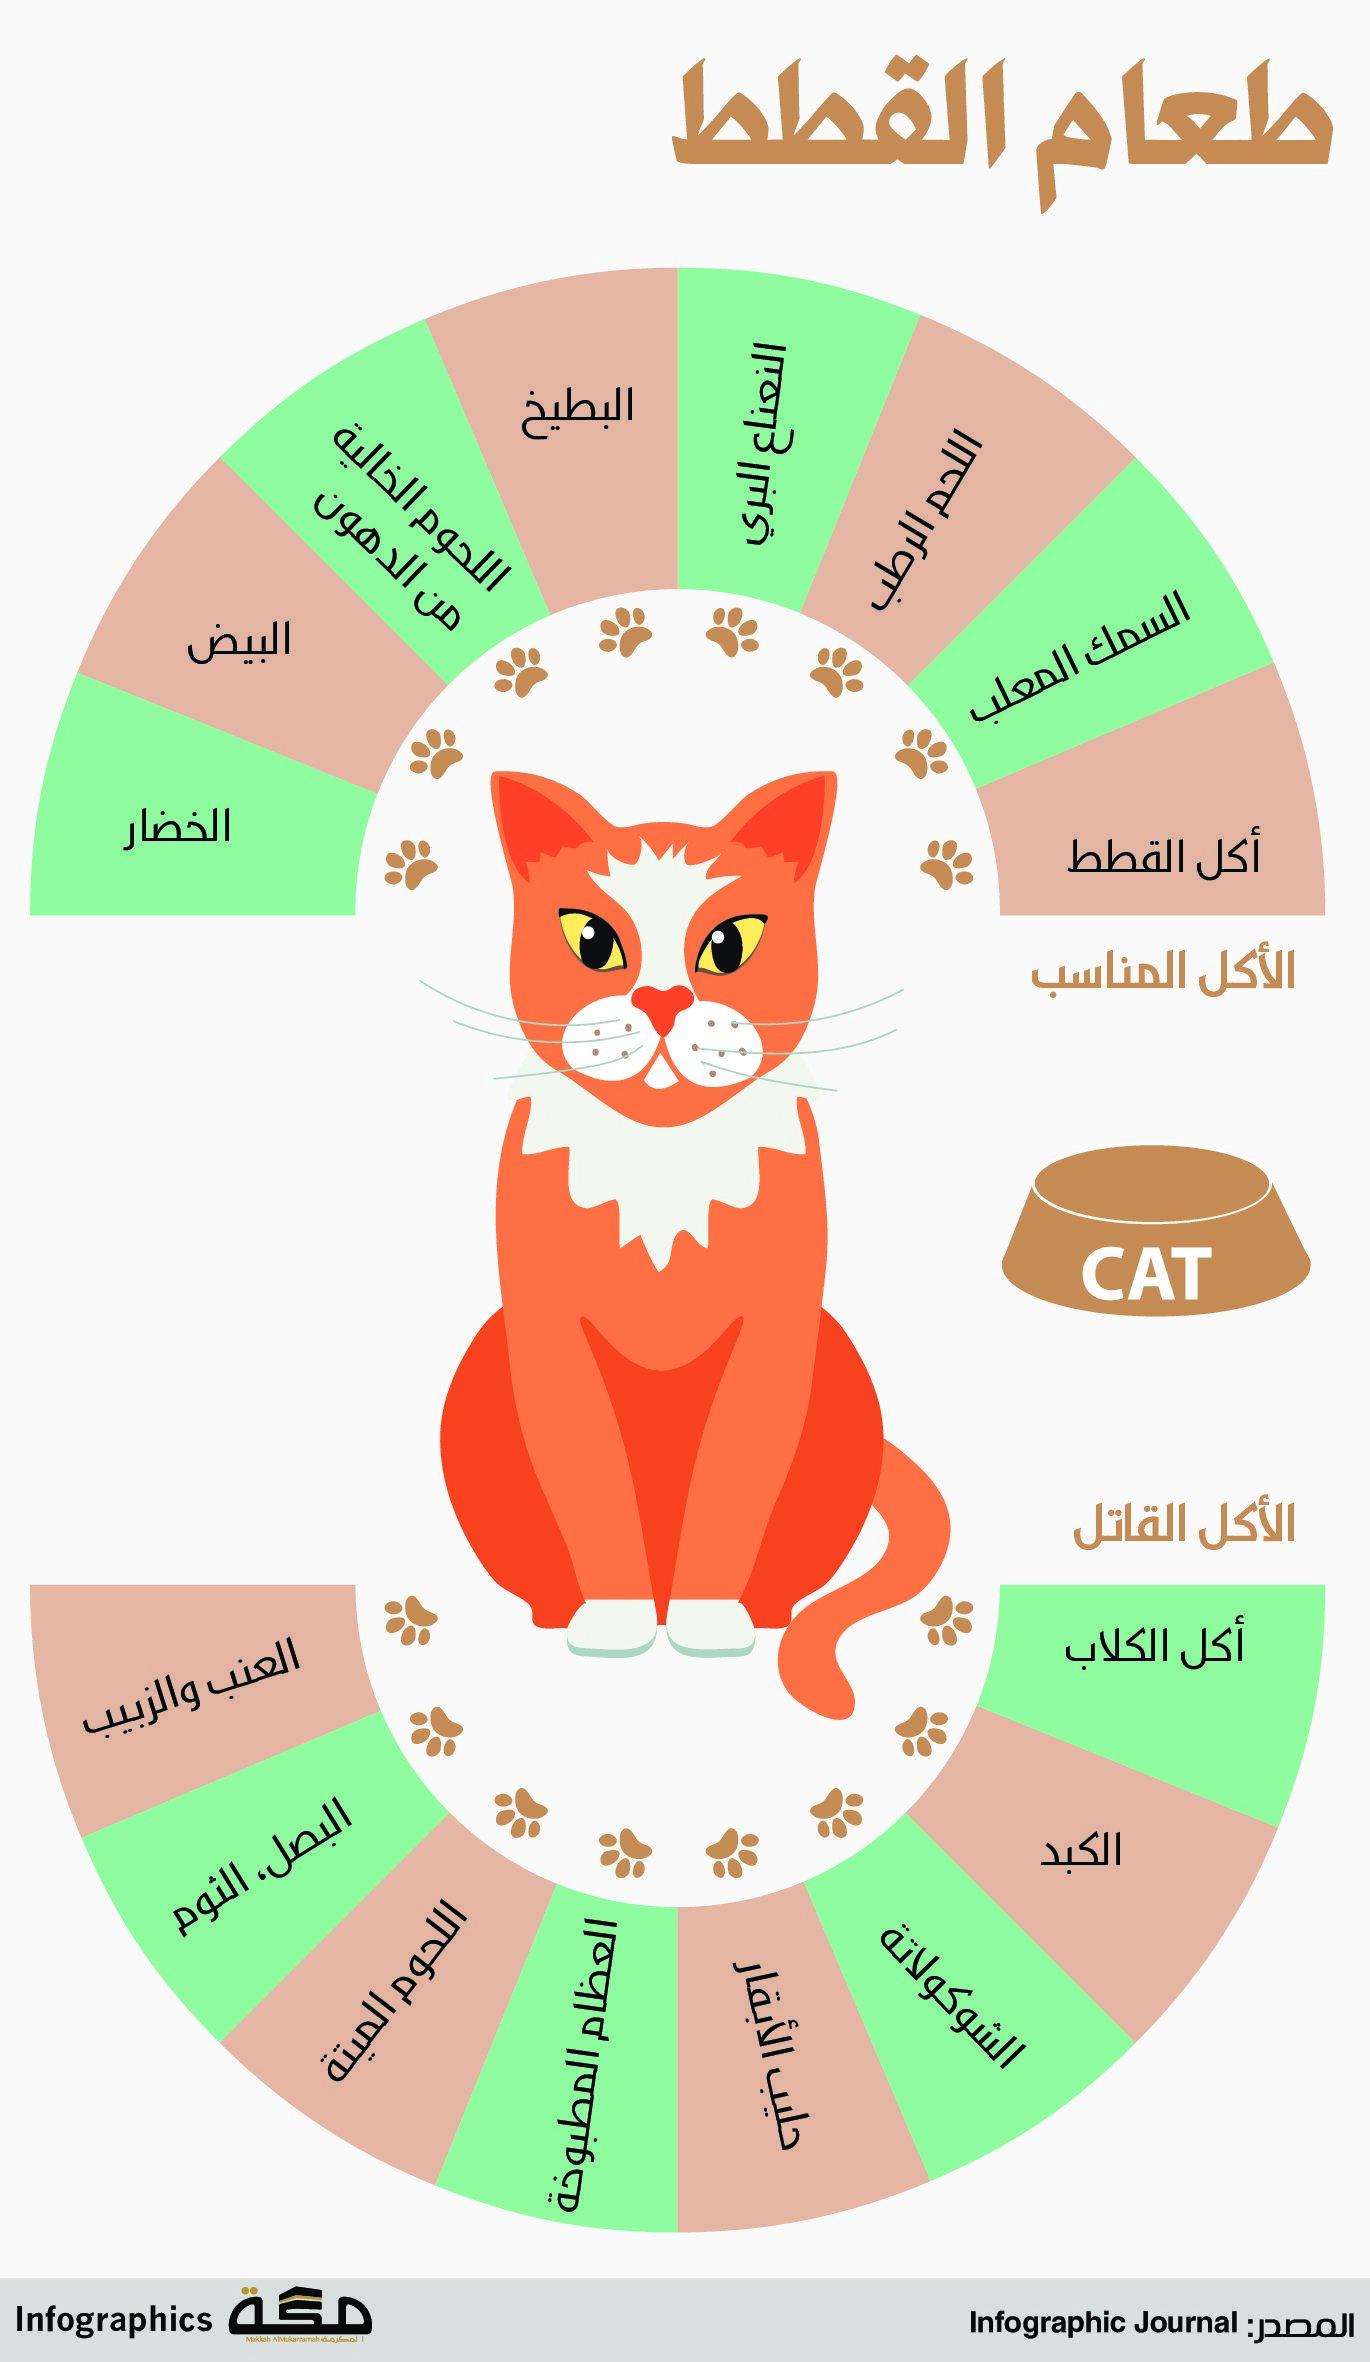 طعام القطط صحيفة مكة انفوجرافيك منوعات Infographic Lull Pie Chart